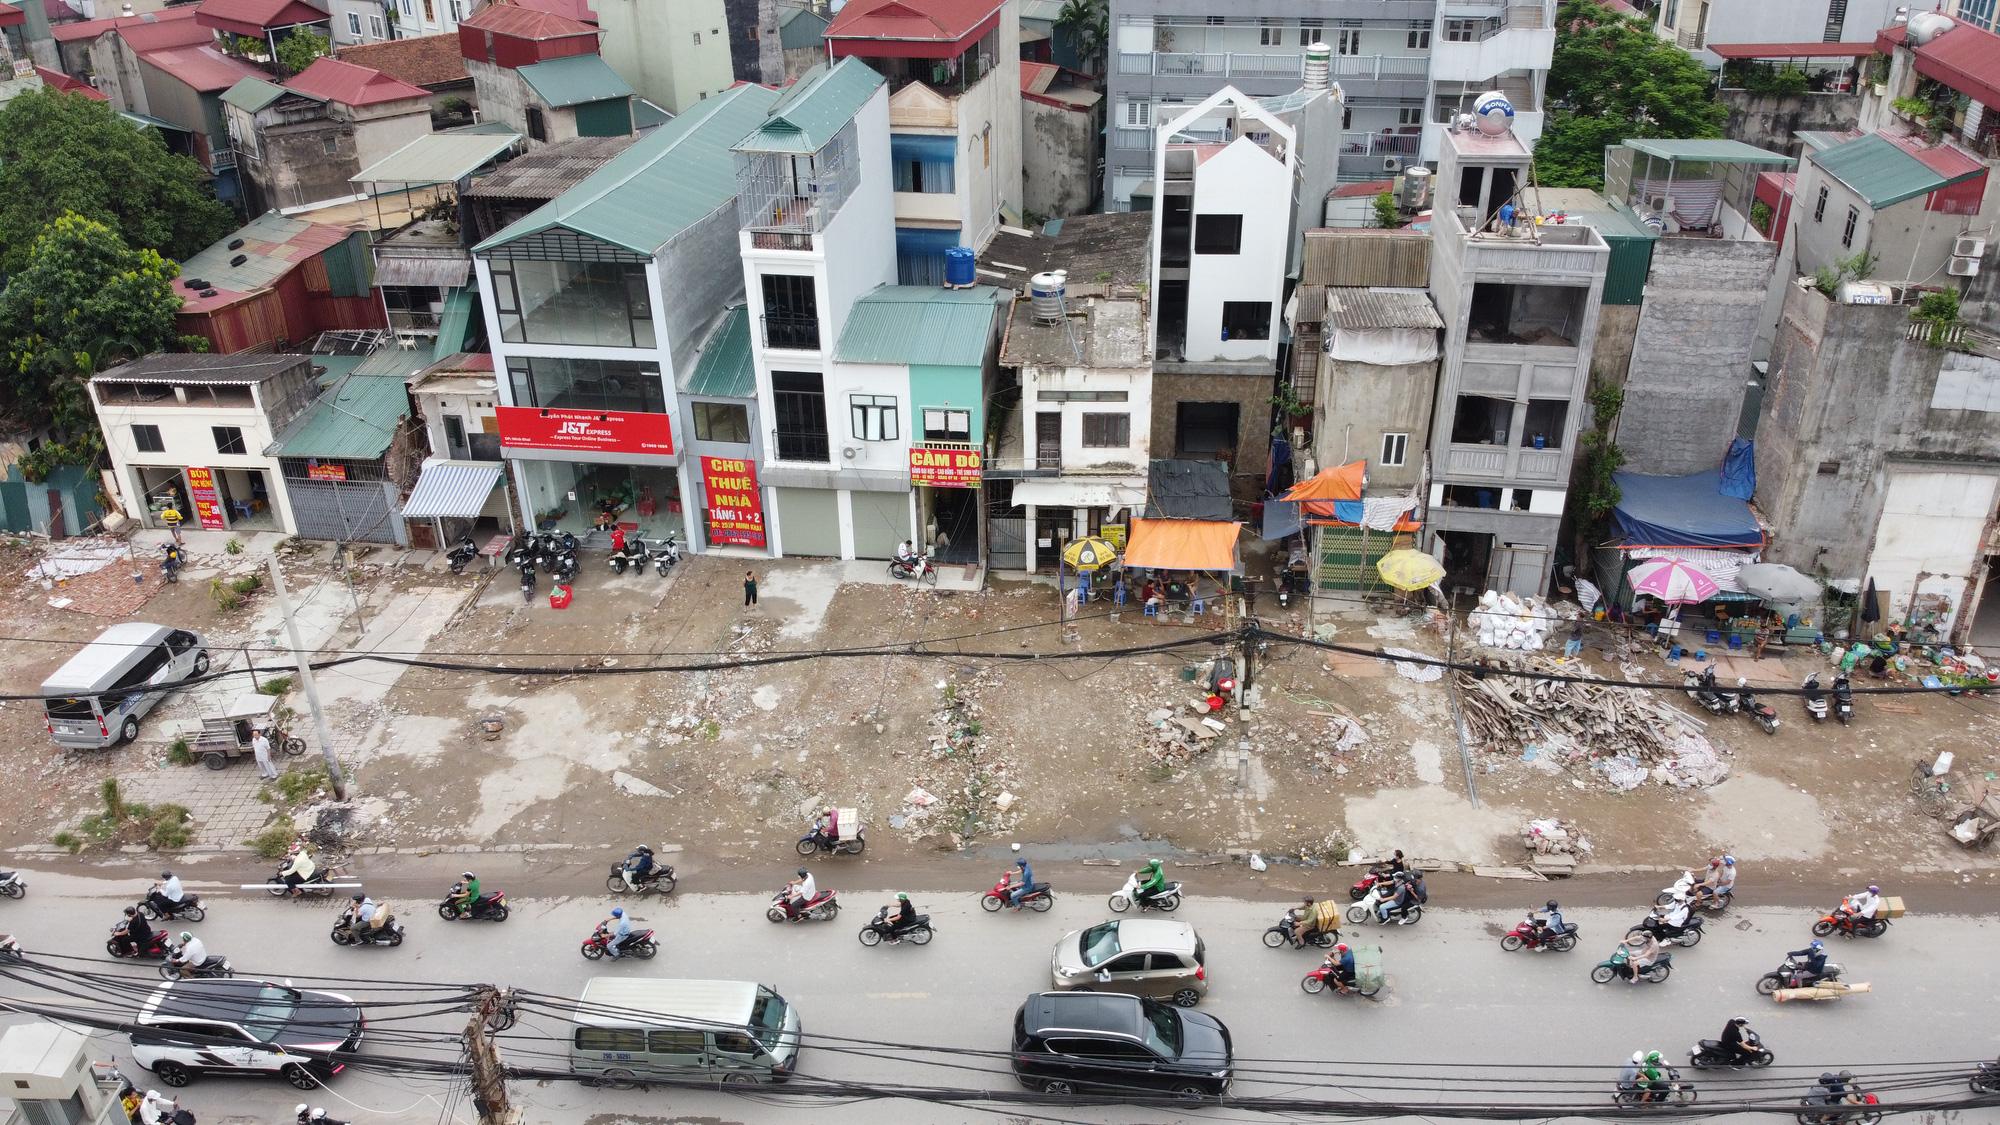 """Đường vành đai 2 mở rộng: Giá đất mặt phố """"leo thang"""" từng ngày - Ảnh 4."""